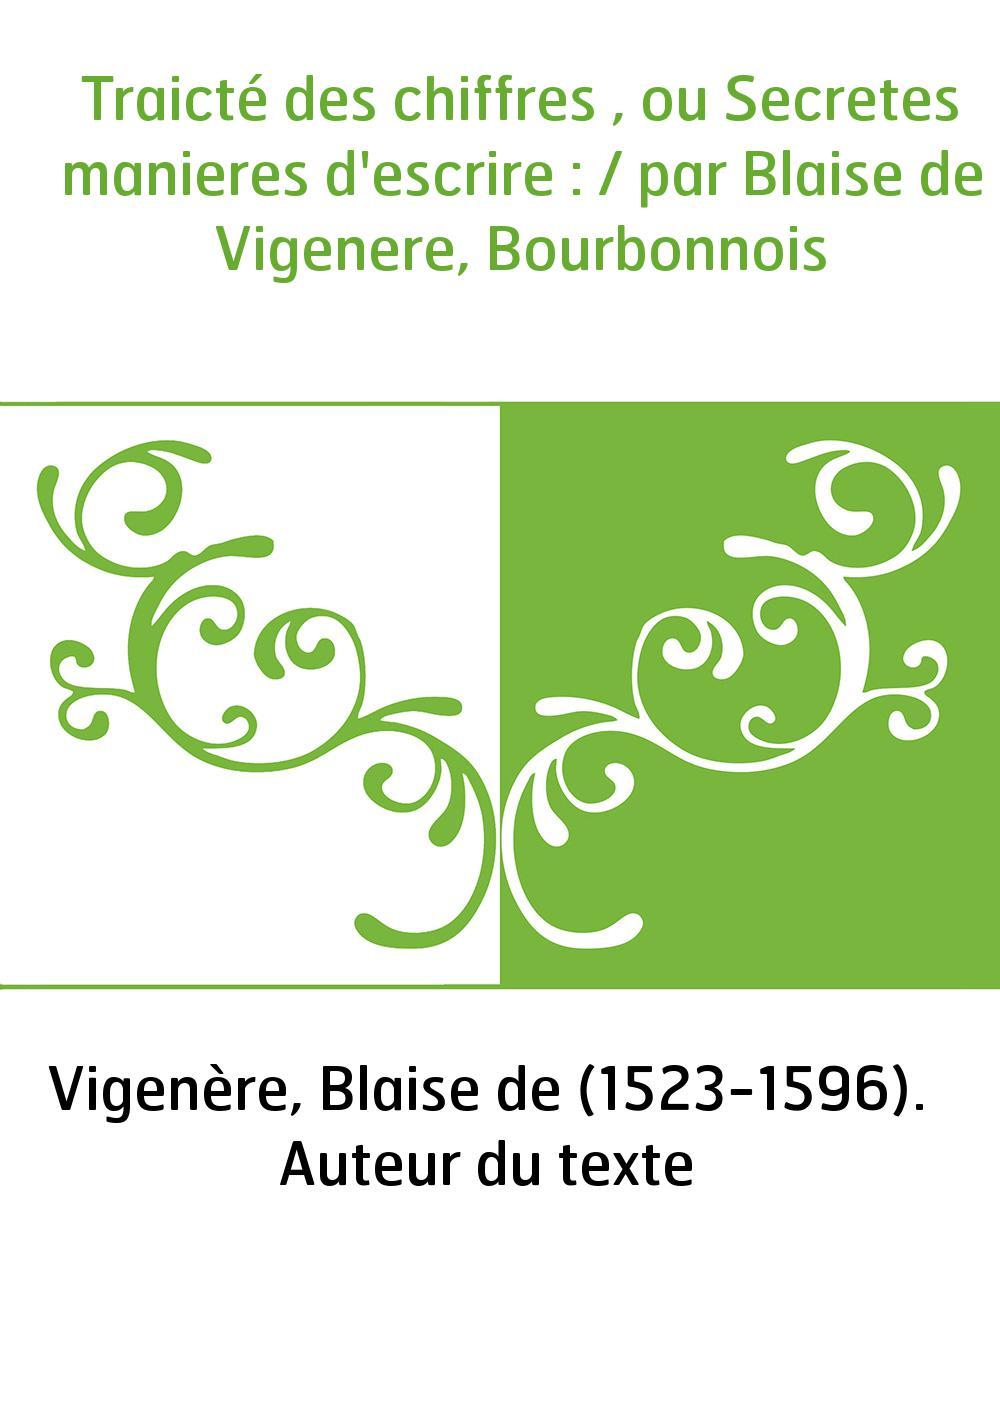 Traicté des chiffres , ou Secretes manieres d'escrire : / par Blaise de Vigenere, Bourbonnois